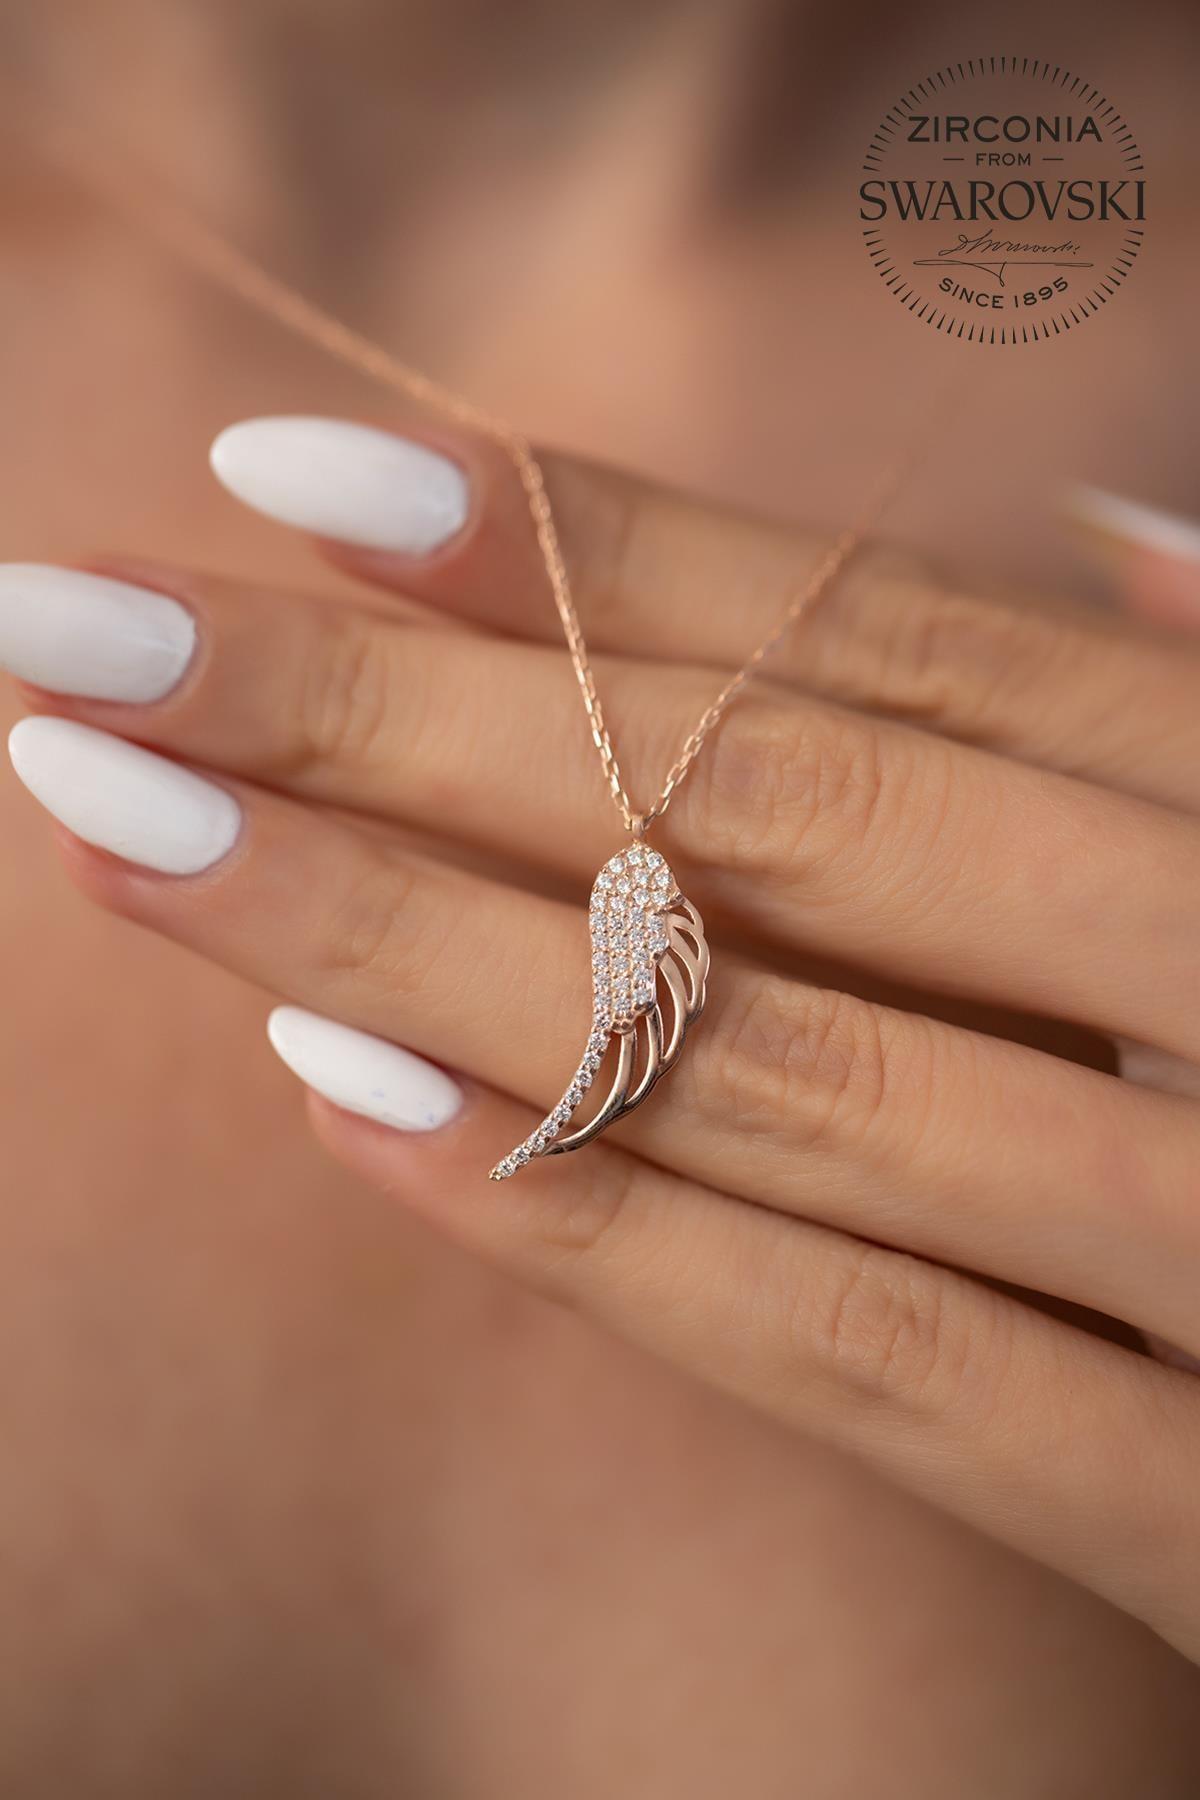 Ninova Silver Kadın Swarovski Taşlı Melek Kanadı Model Rose Kaplama Gümüş Kolye SBS0032 4